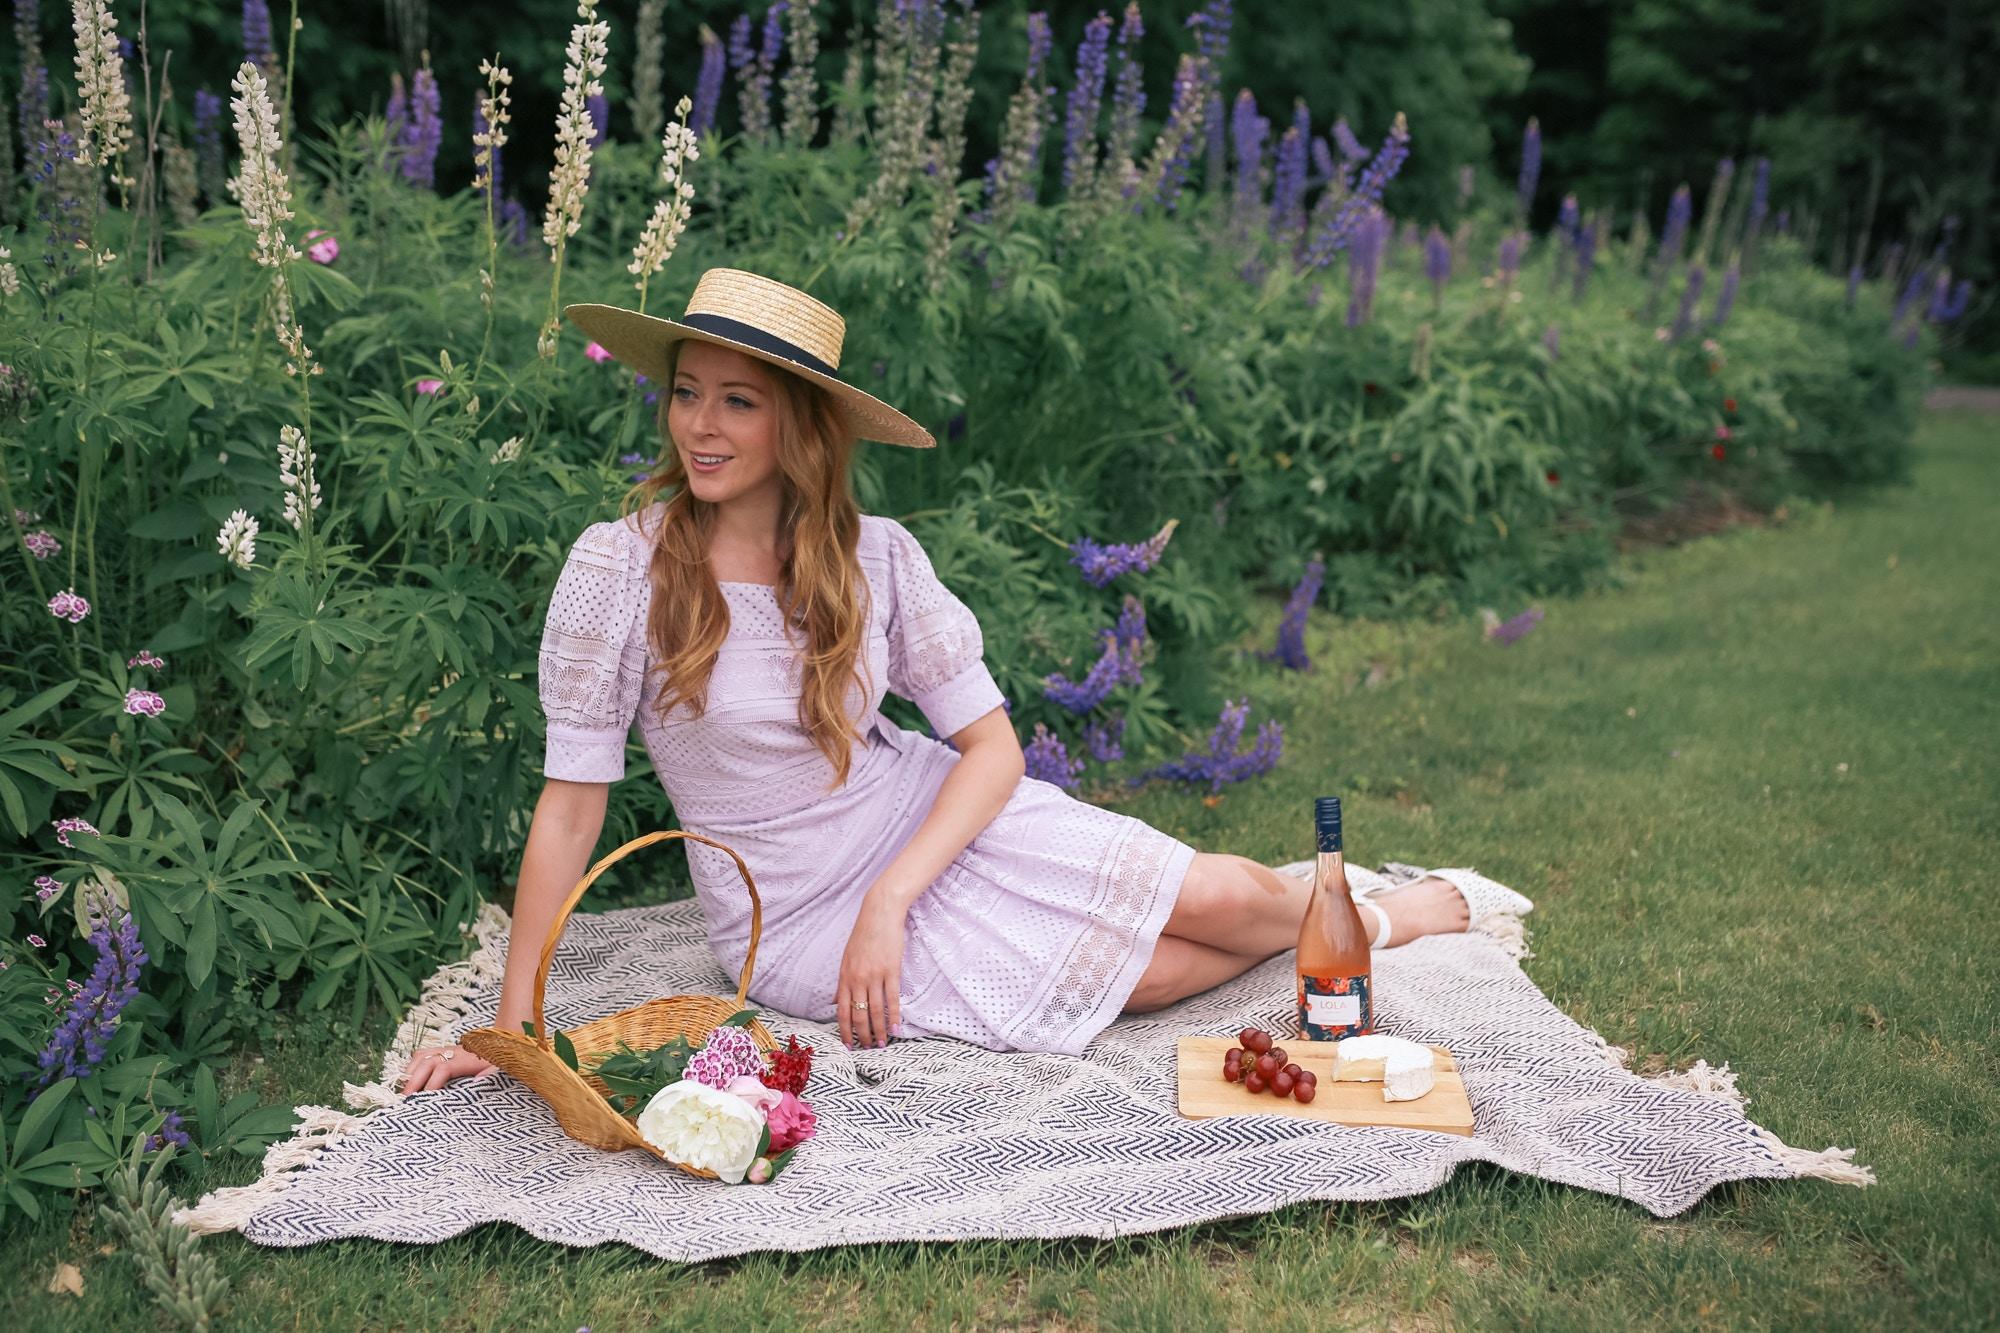 The Prettiest vintage picnic: Rachel Parcell Dress Review - Purple Hush Square Neck Lace Dress.